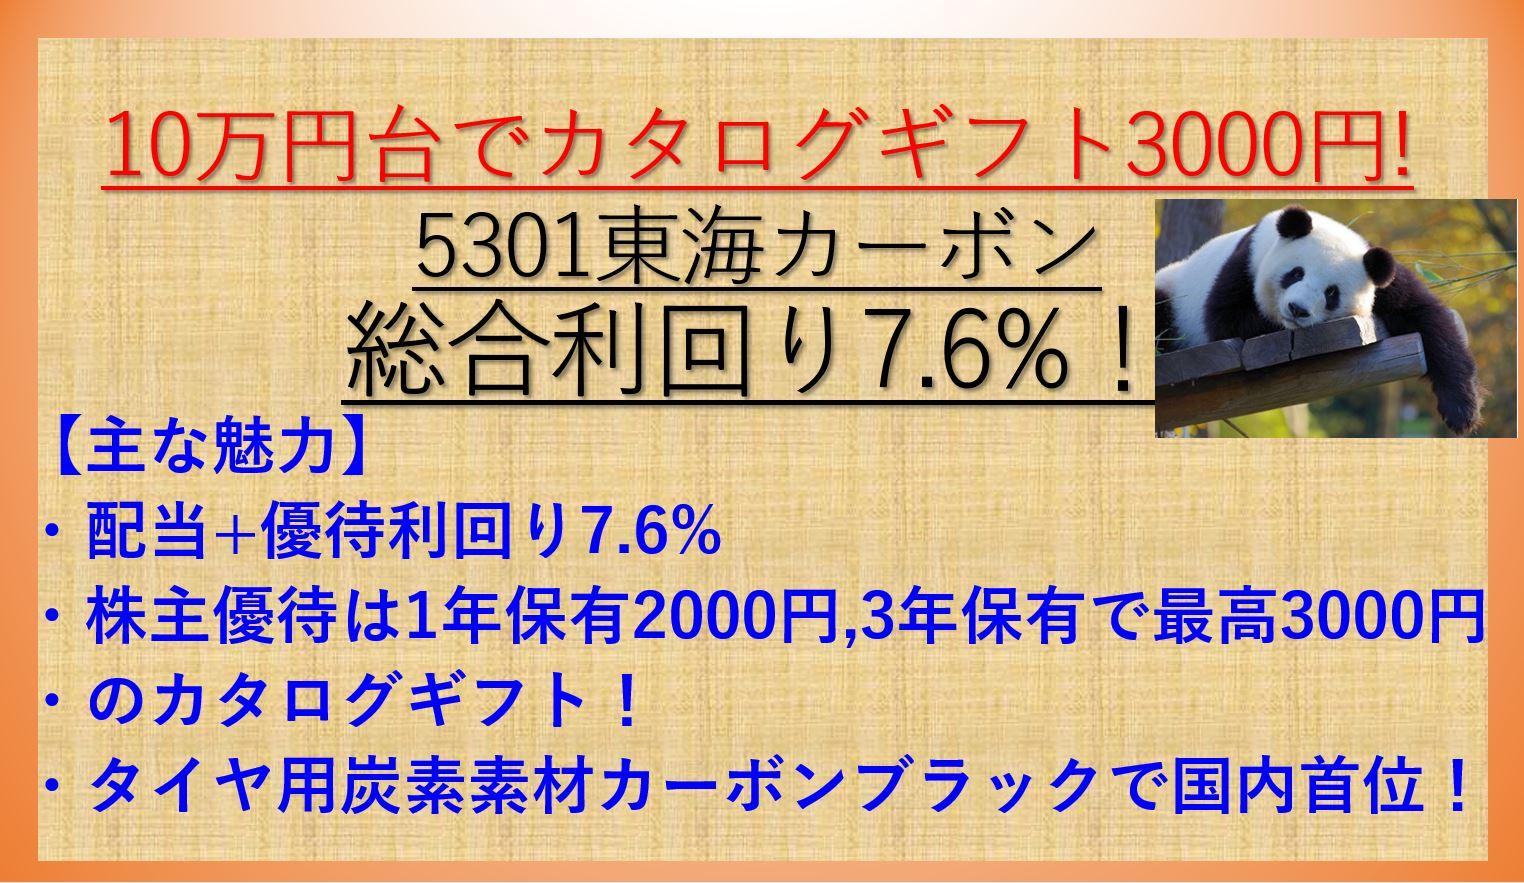 5301-東海カーボン-アイキャッチ